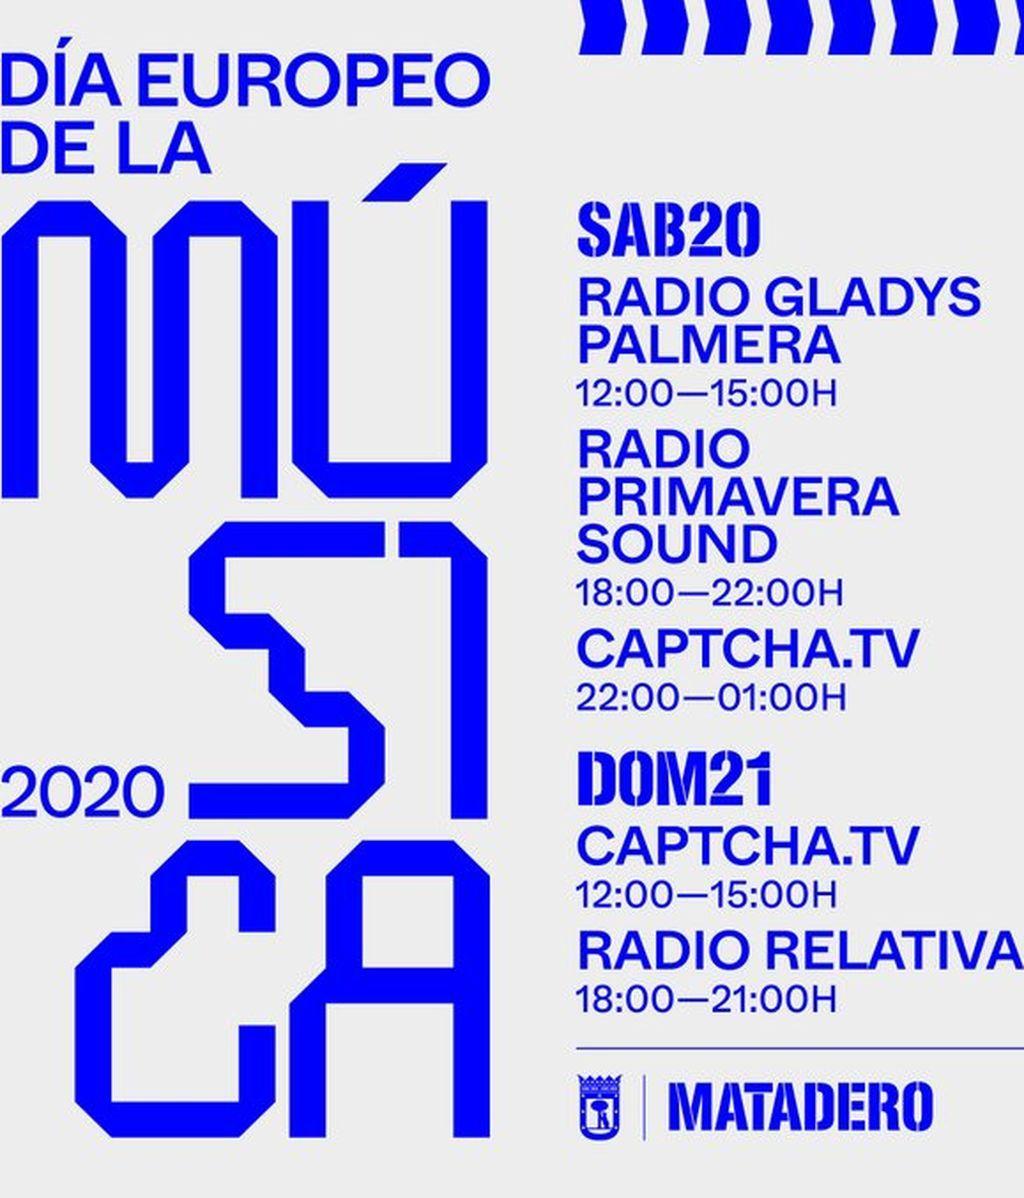 Programación Matadero Madrid Día Europeo de la Música